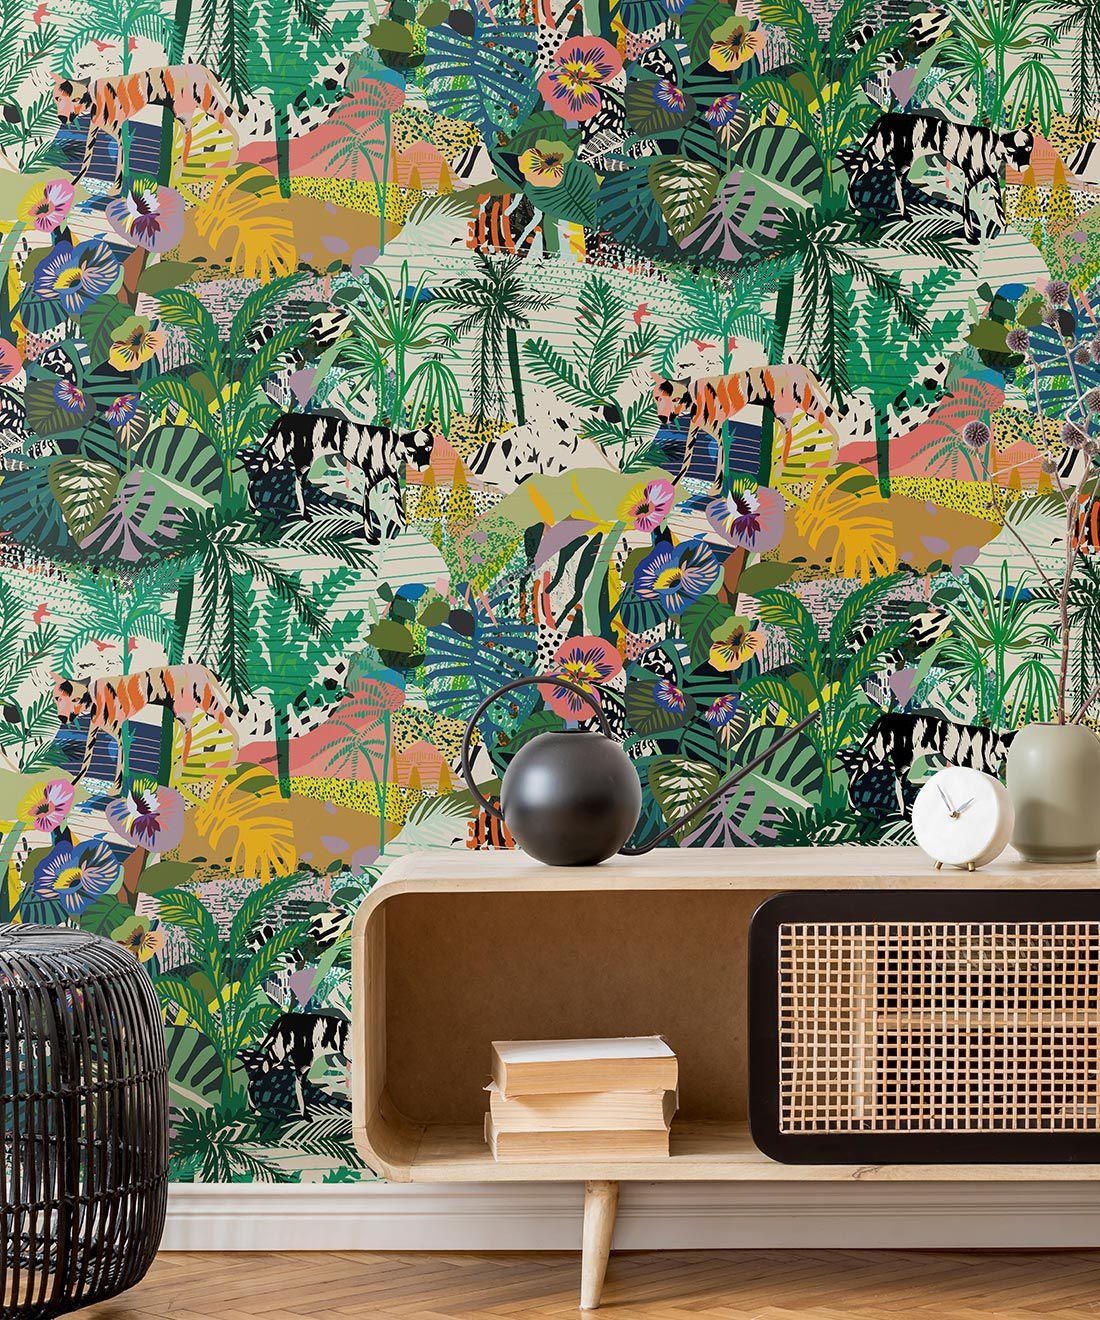 Utopia wallpaper • Colourful Tropical Wallpaper • Insitu